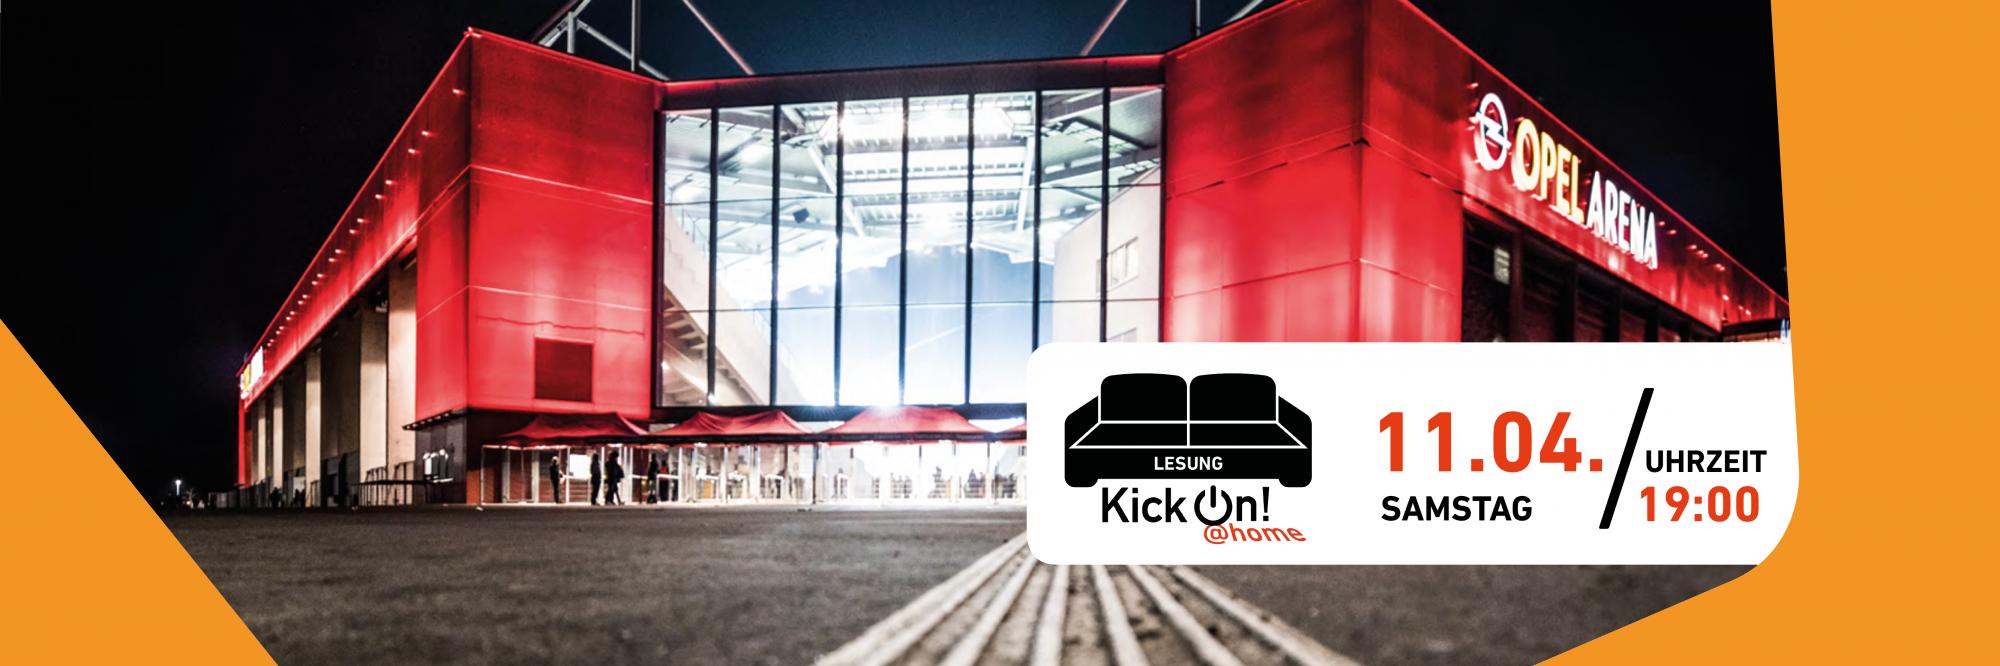 Blick auf eine Seite des Stadions von Mainz 05 bei Nacht. In dem Bild befindet sich ein weißer Infokasten mit den Informationen zu der Veranstaltung und einem schwarzen Sofa. Unterhalb des Sofas steht KickOn at home.